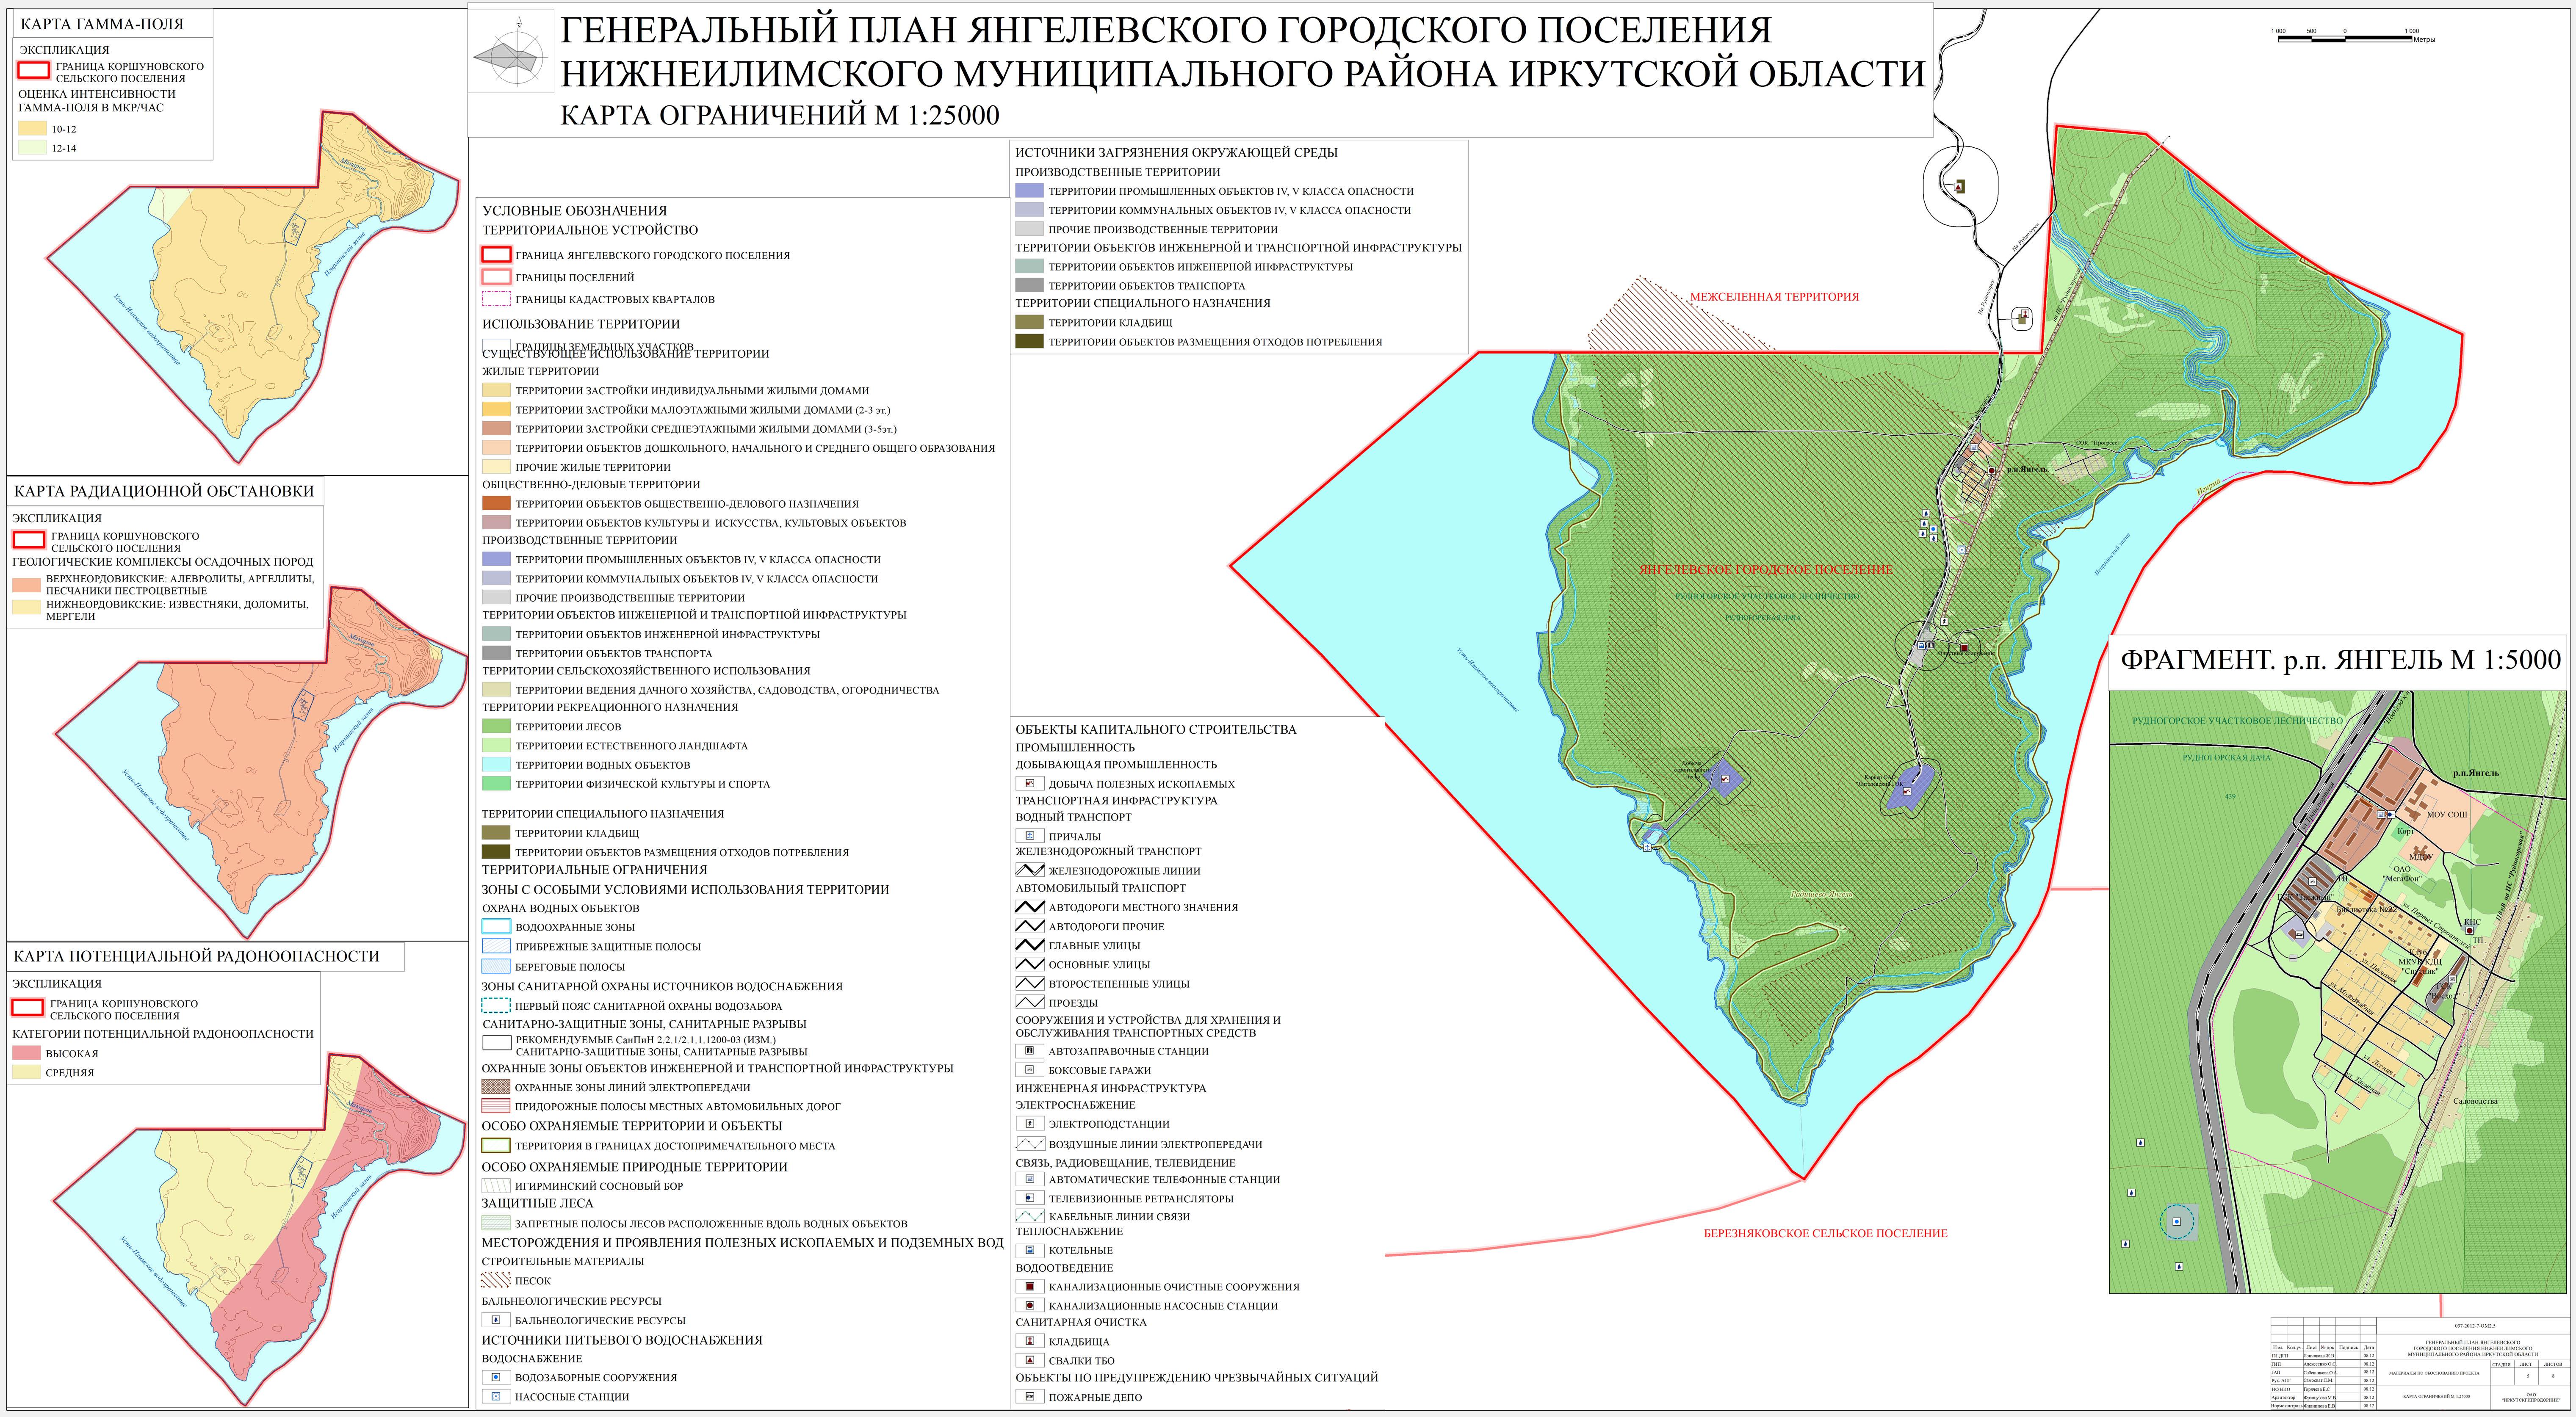 Схема зонирования территории водоохранной зоны воронежского водохранилища